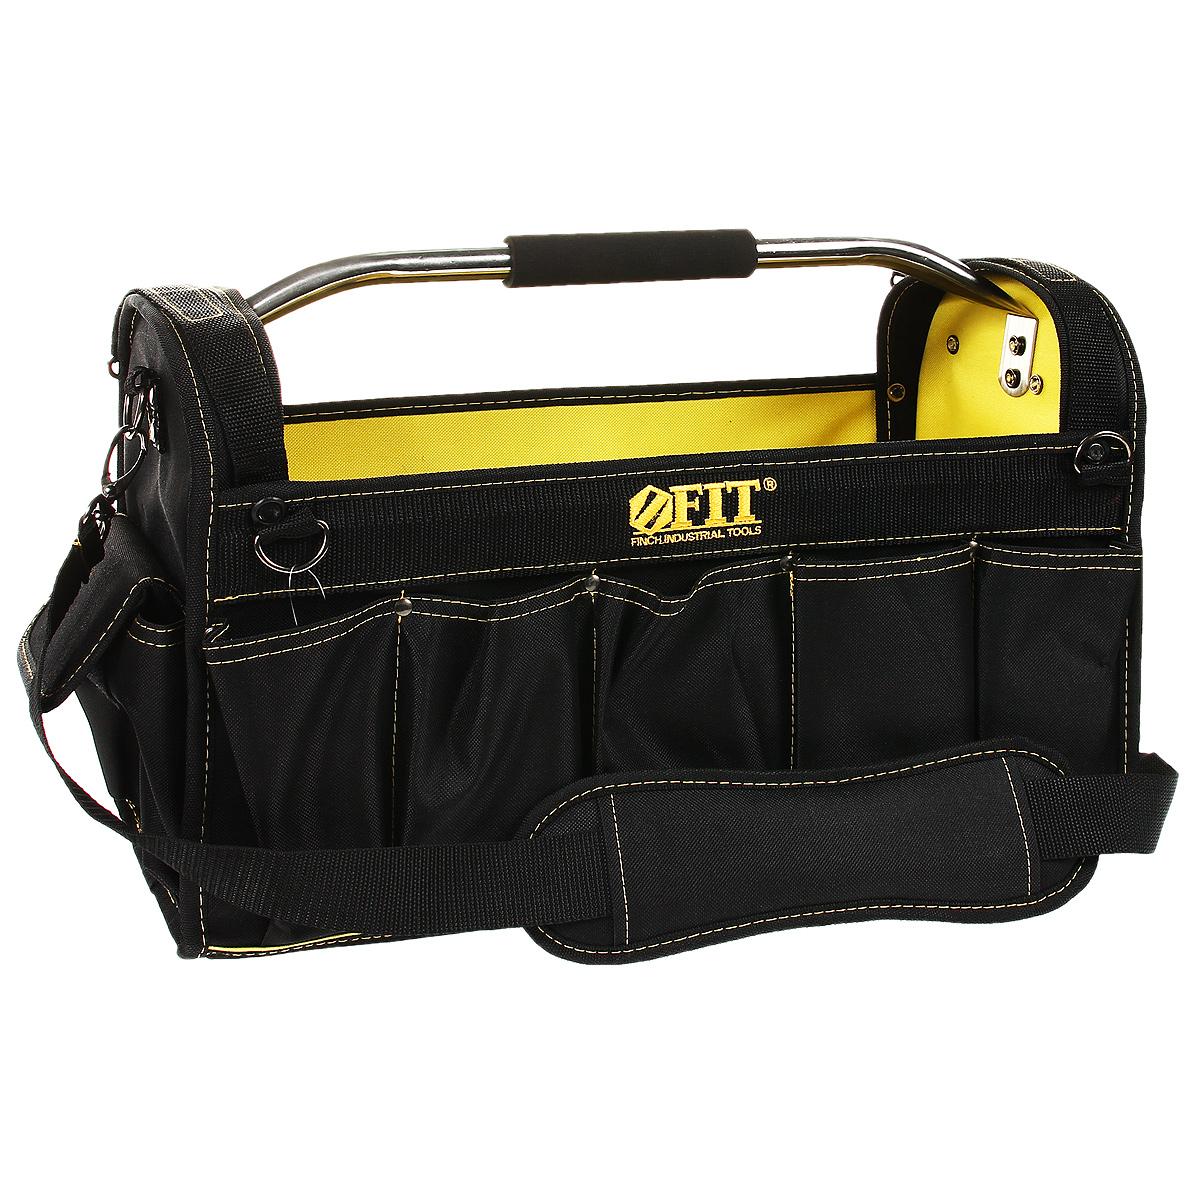 Сумка для инструментов FIT, 16 отделений, 45 см х 21 см х 33,5 см12550&nbsp